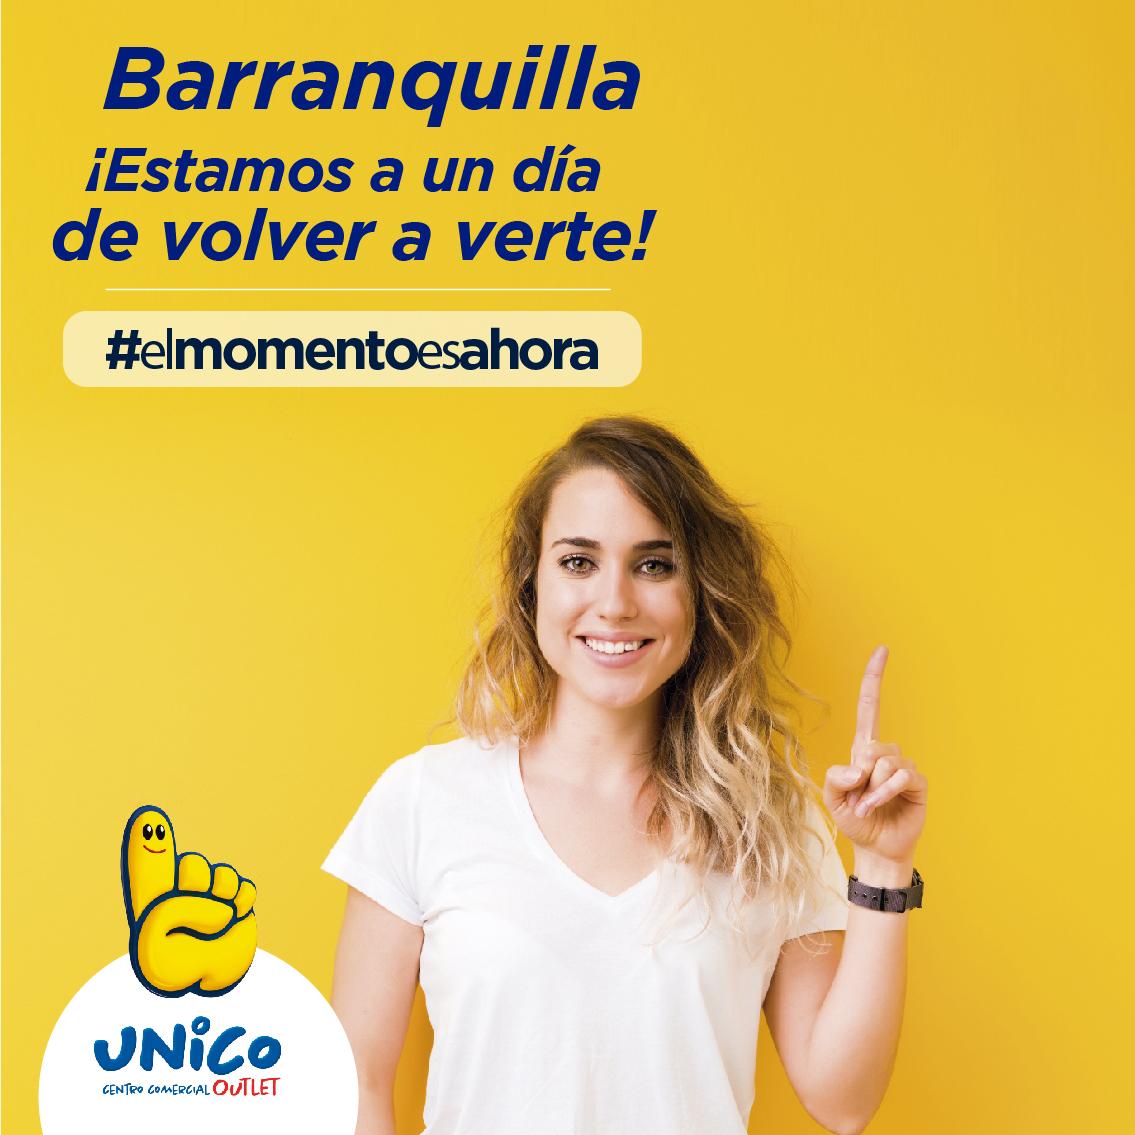 ¡Estamos a un día de abrir UNICO Barranquilla! ❤️  Consulta nuestros horarios y visítanos con todas las medidas de bioseguridad el día de tu pico y cédula🏃♀️🏃♂️  #Avancemoscuidándonos 🤩  #ComprarloquequieroesUNICO☝🏼💛 📲 Visítanos en https://t.co/y9AU3Ig04f #MegaOutlet https://t.co/y1s26opLds